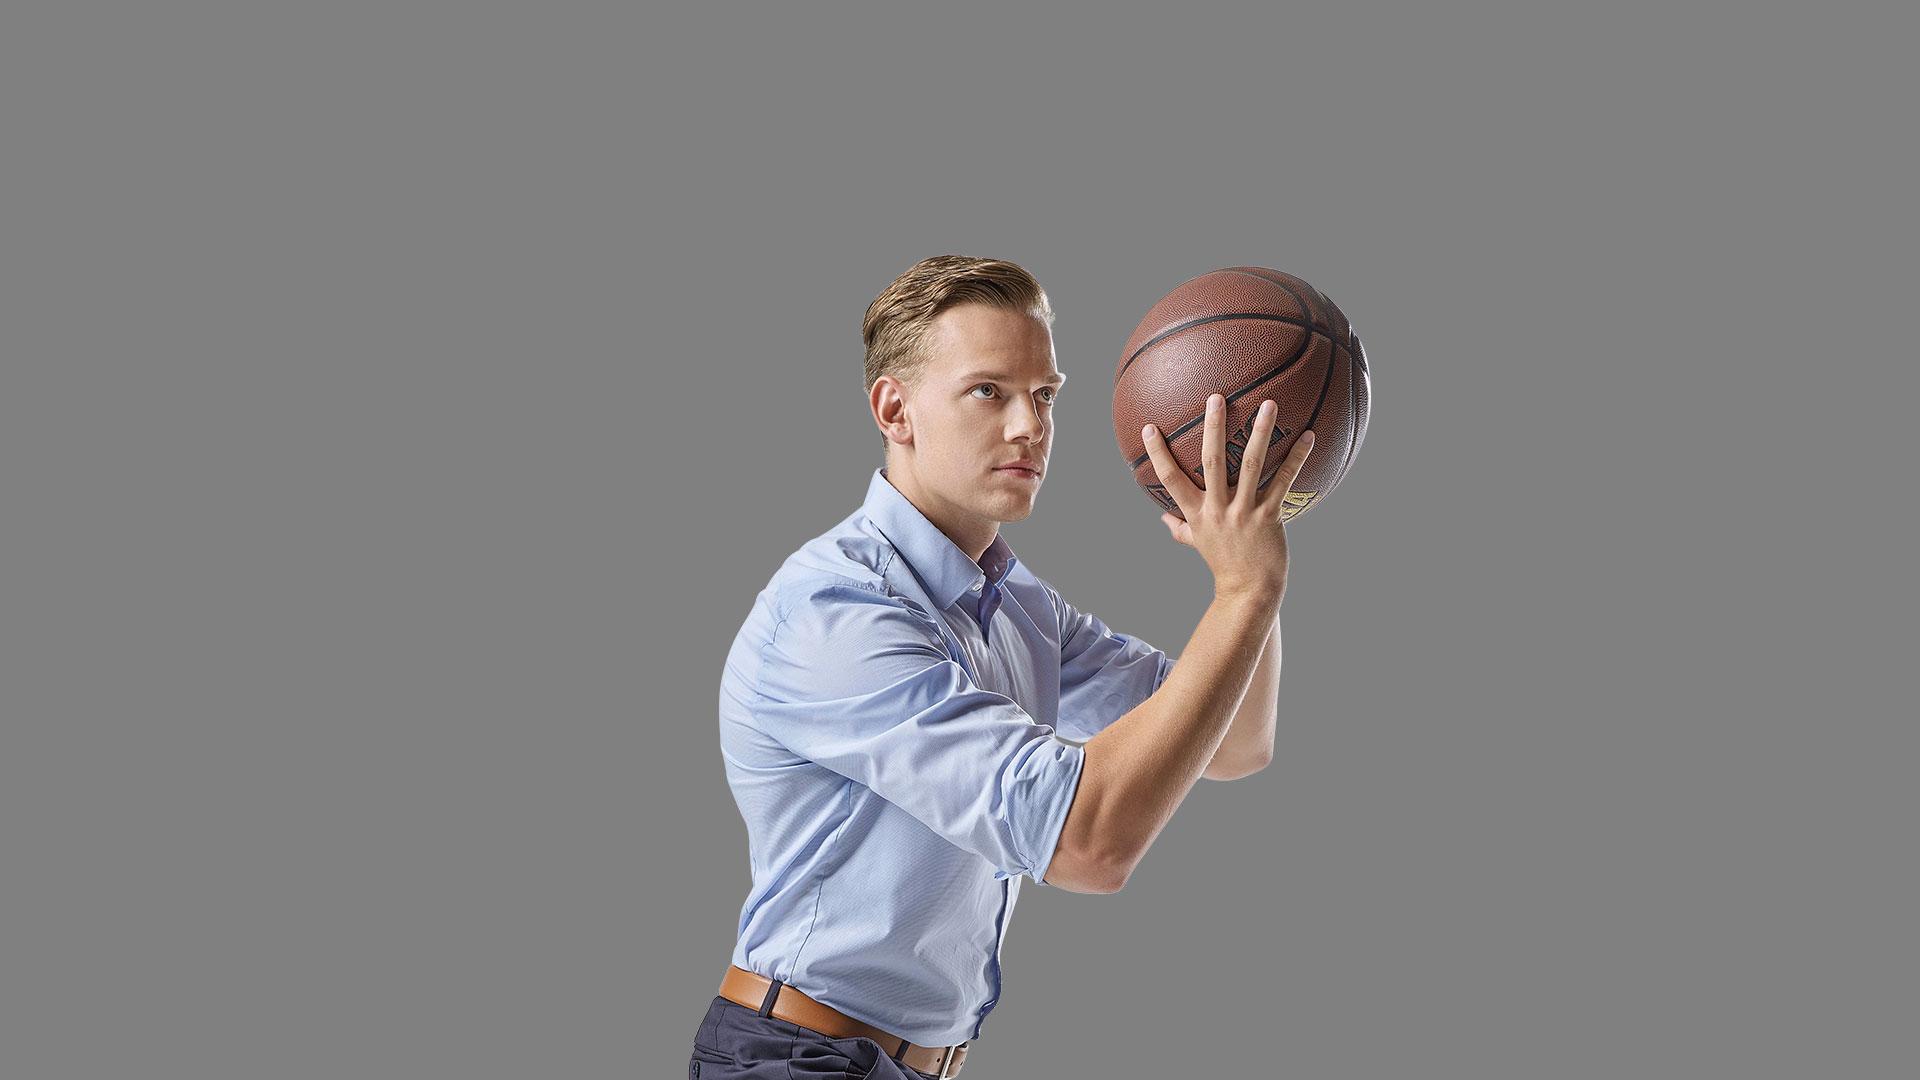 Mitarbeiter Jan wirft einen Basketball